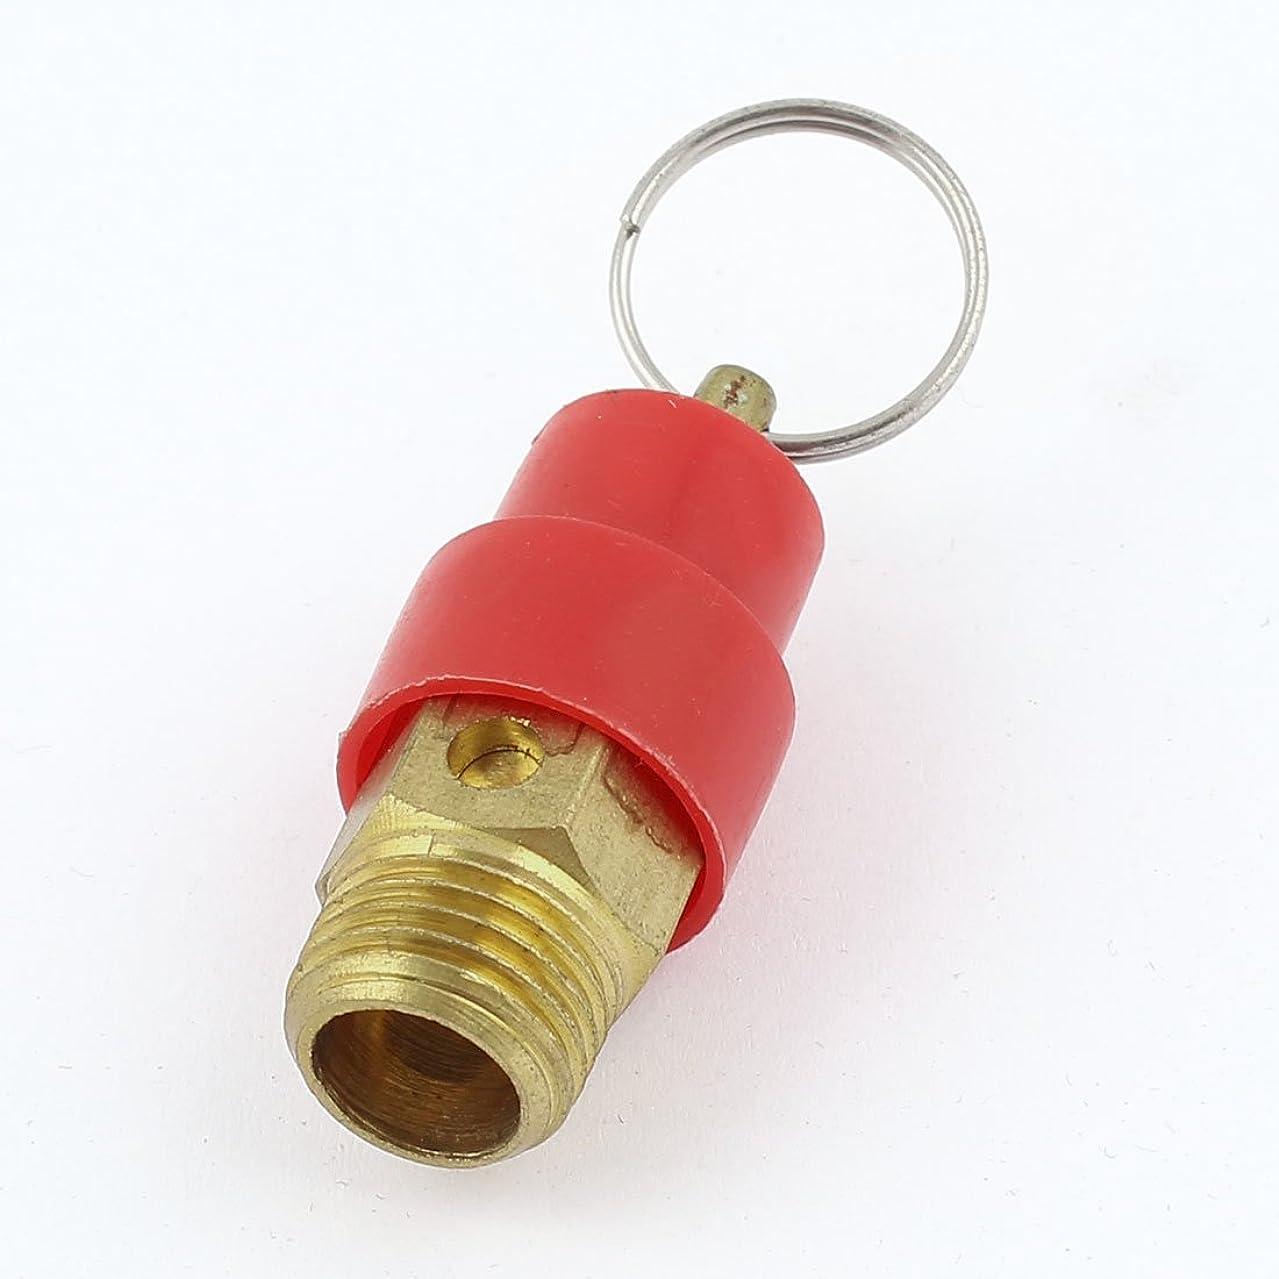 延ばすフィッティング礼儀uxcell 空気圧縮機用 安全弁 圧力リリーフバルブ エアーコンプレッサー ブラス プラスチック 安全 43 x 18mm ゴールドトーン